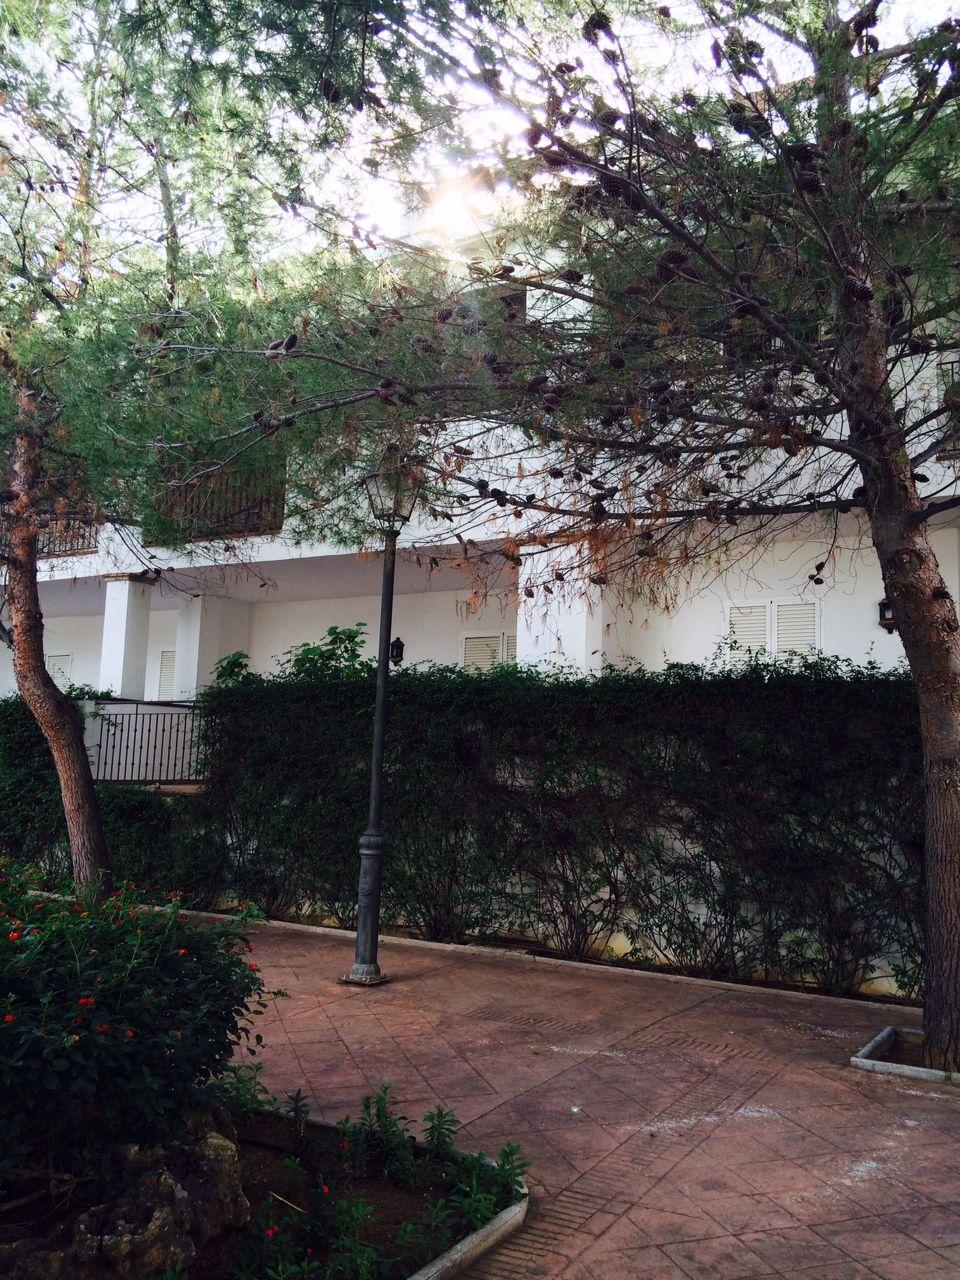 Casa adosada en Alhaurín el Grande, LAURO GOLF, CASA LILIA 23, alquiler